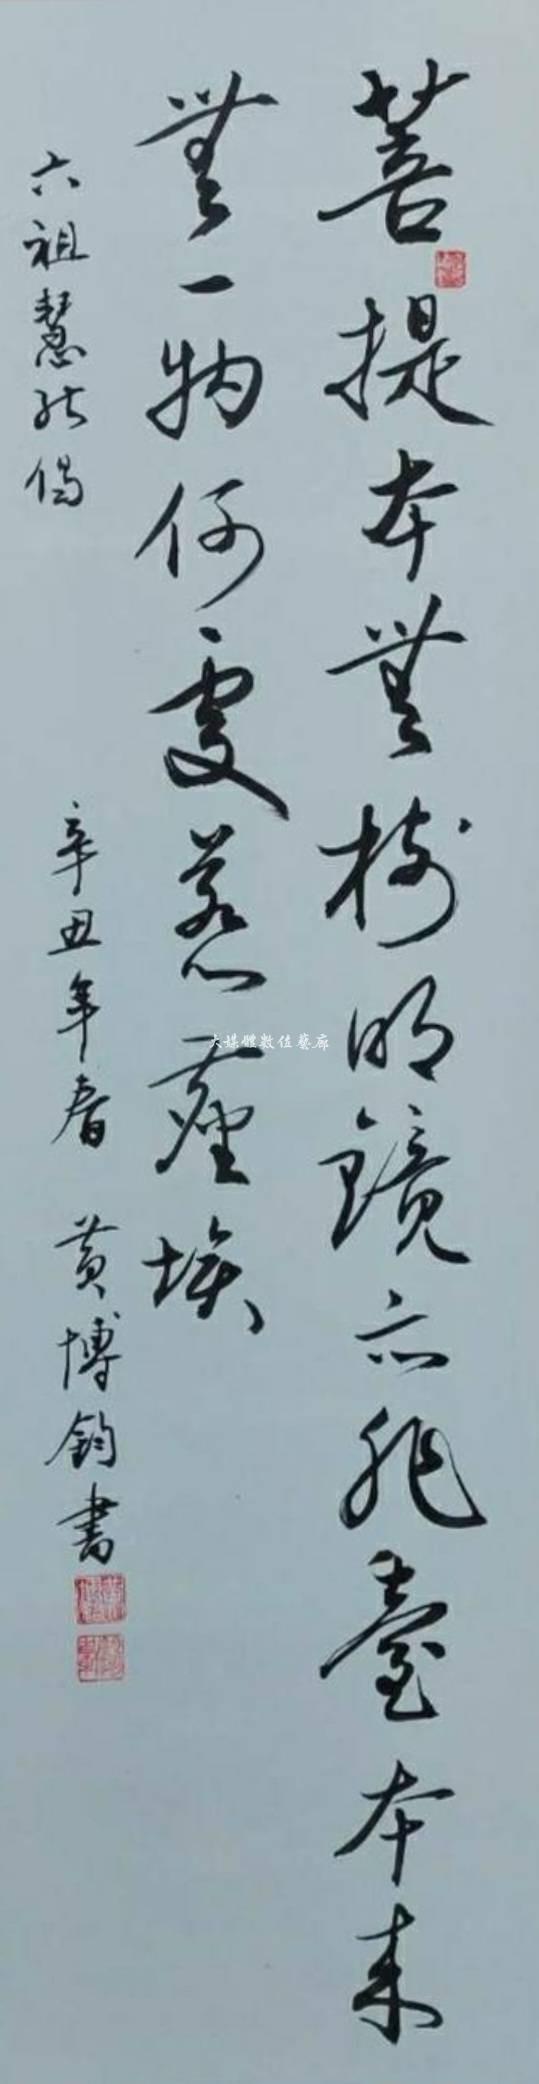 書法 六祖慧能偈